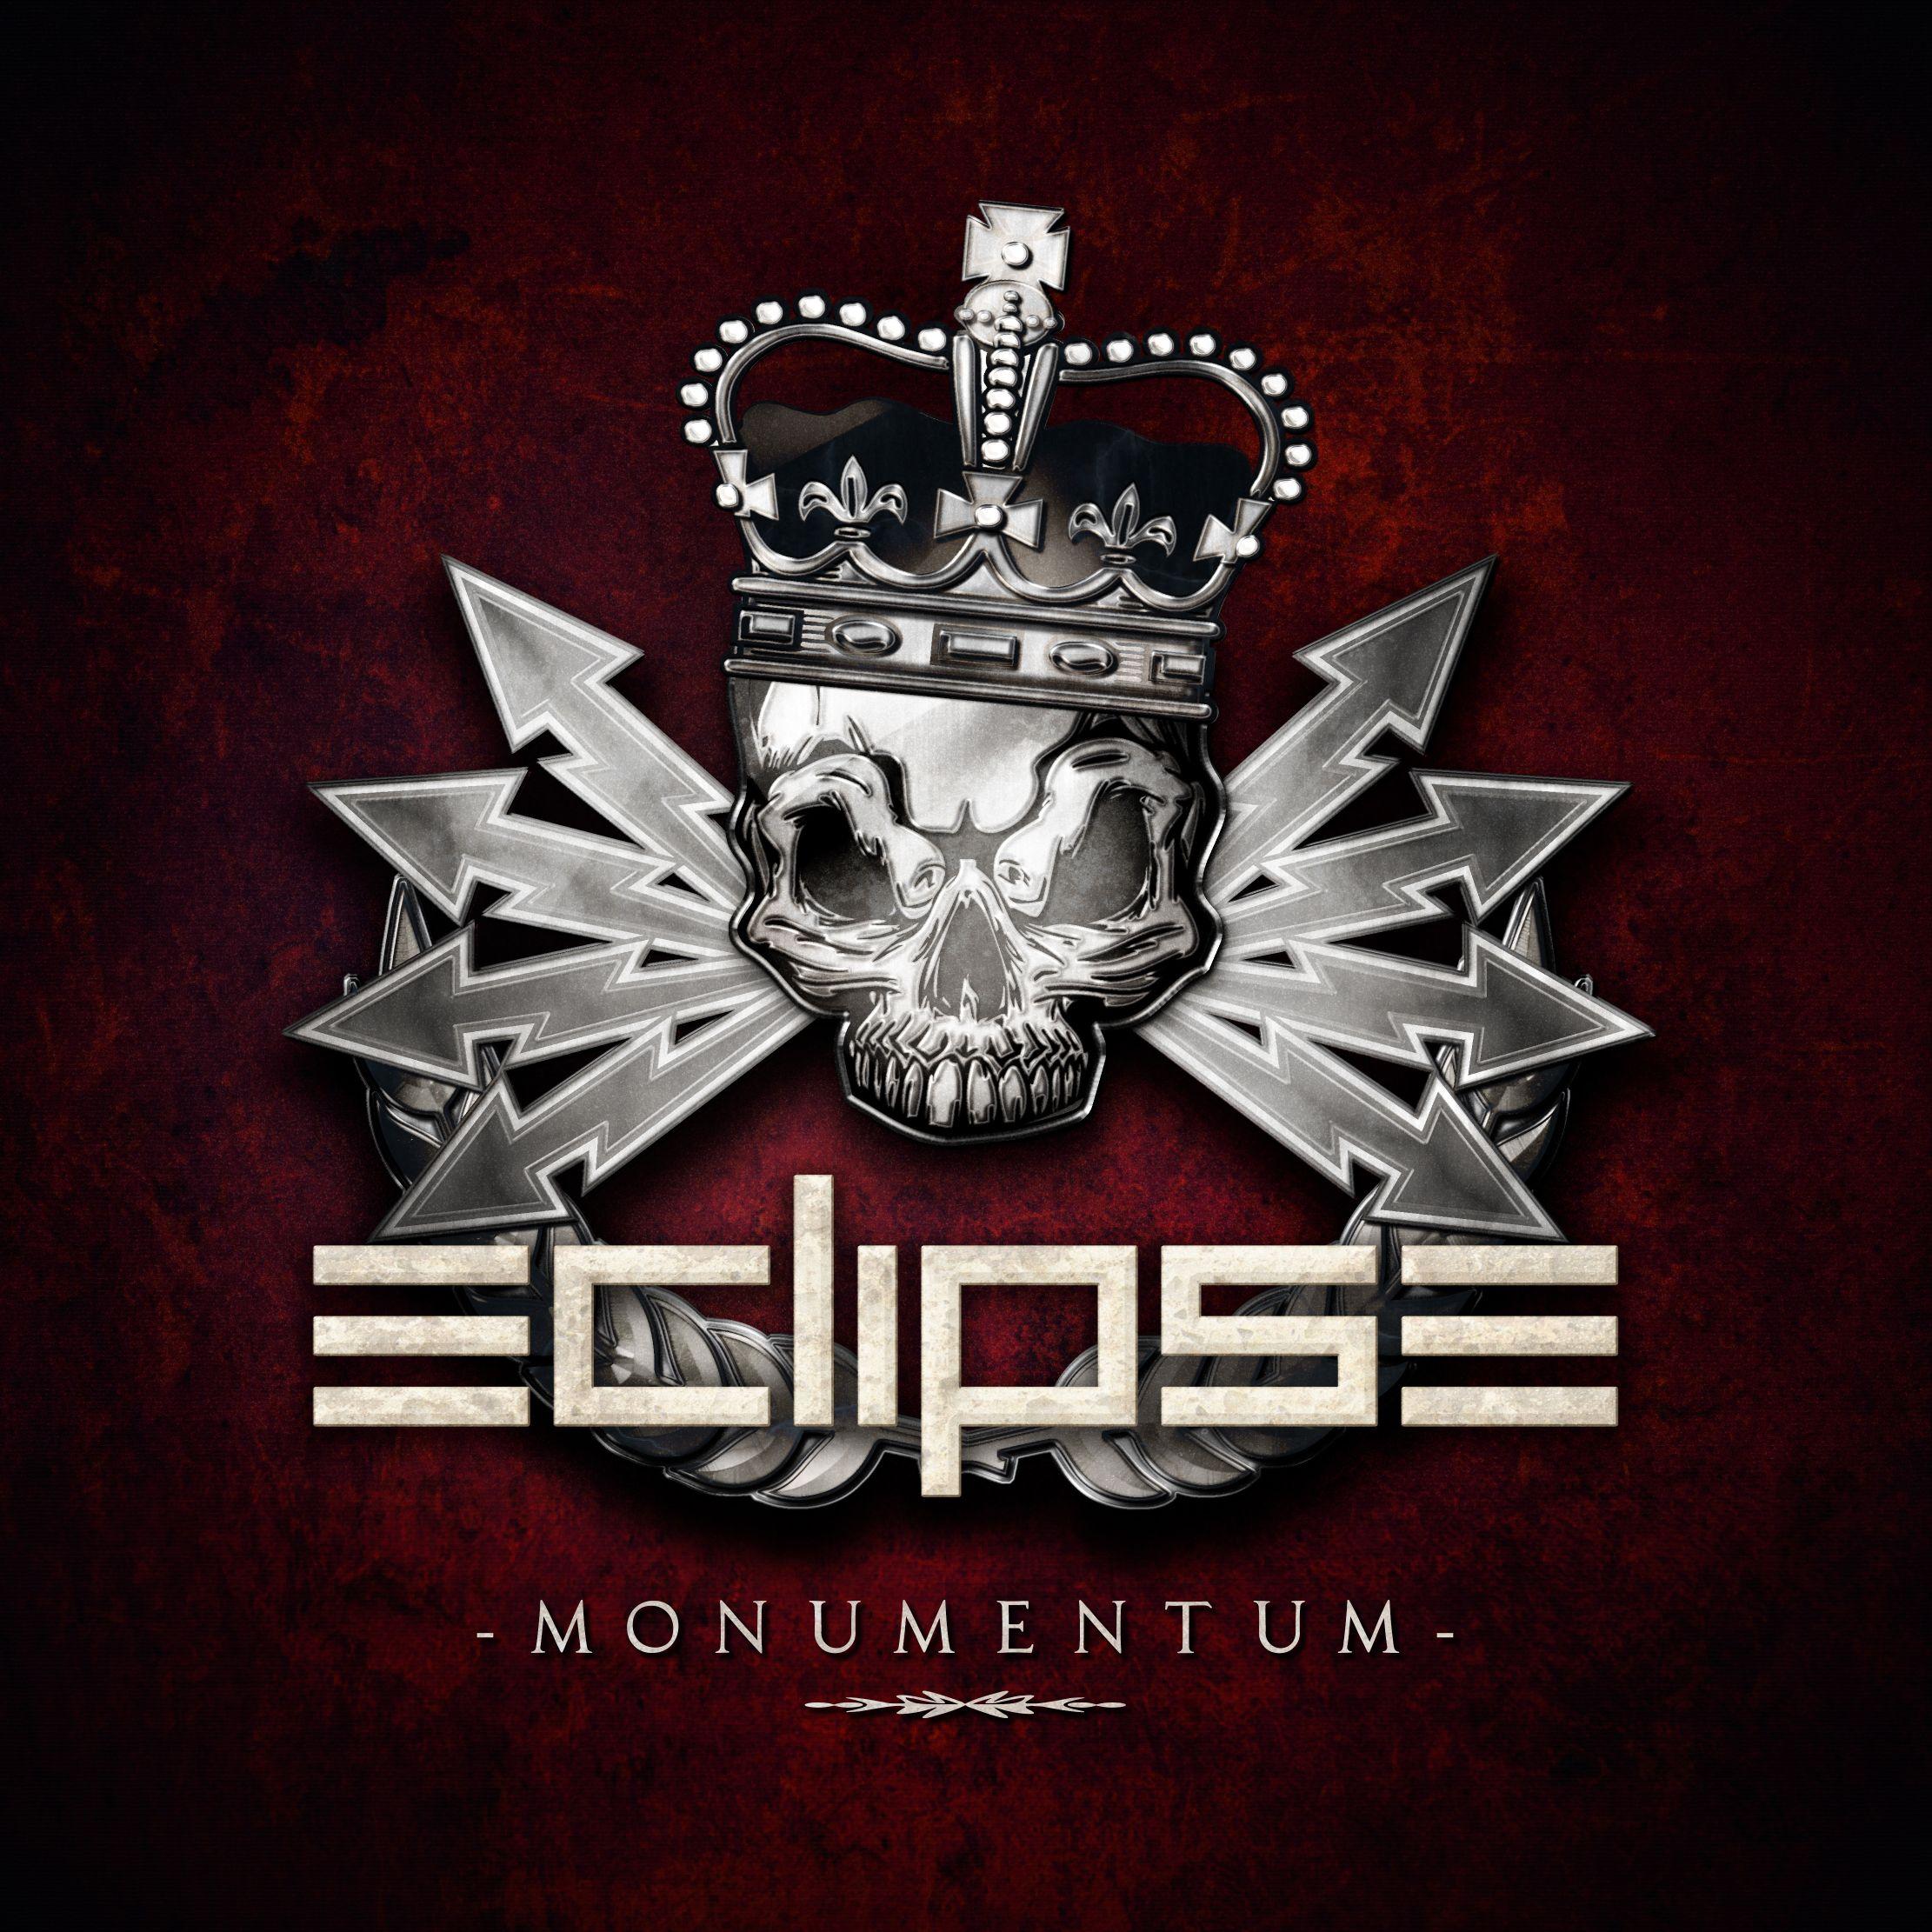 ECLIPSE_Monumentum_COVER_HI